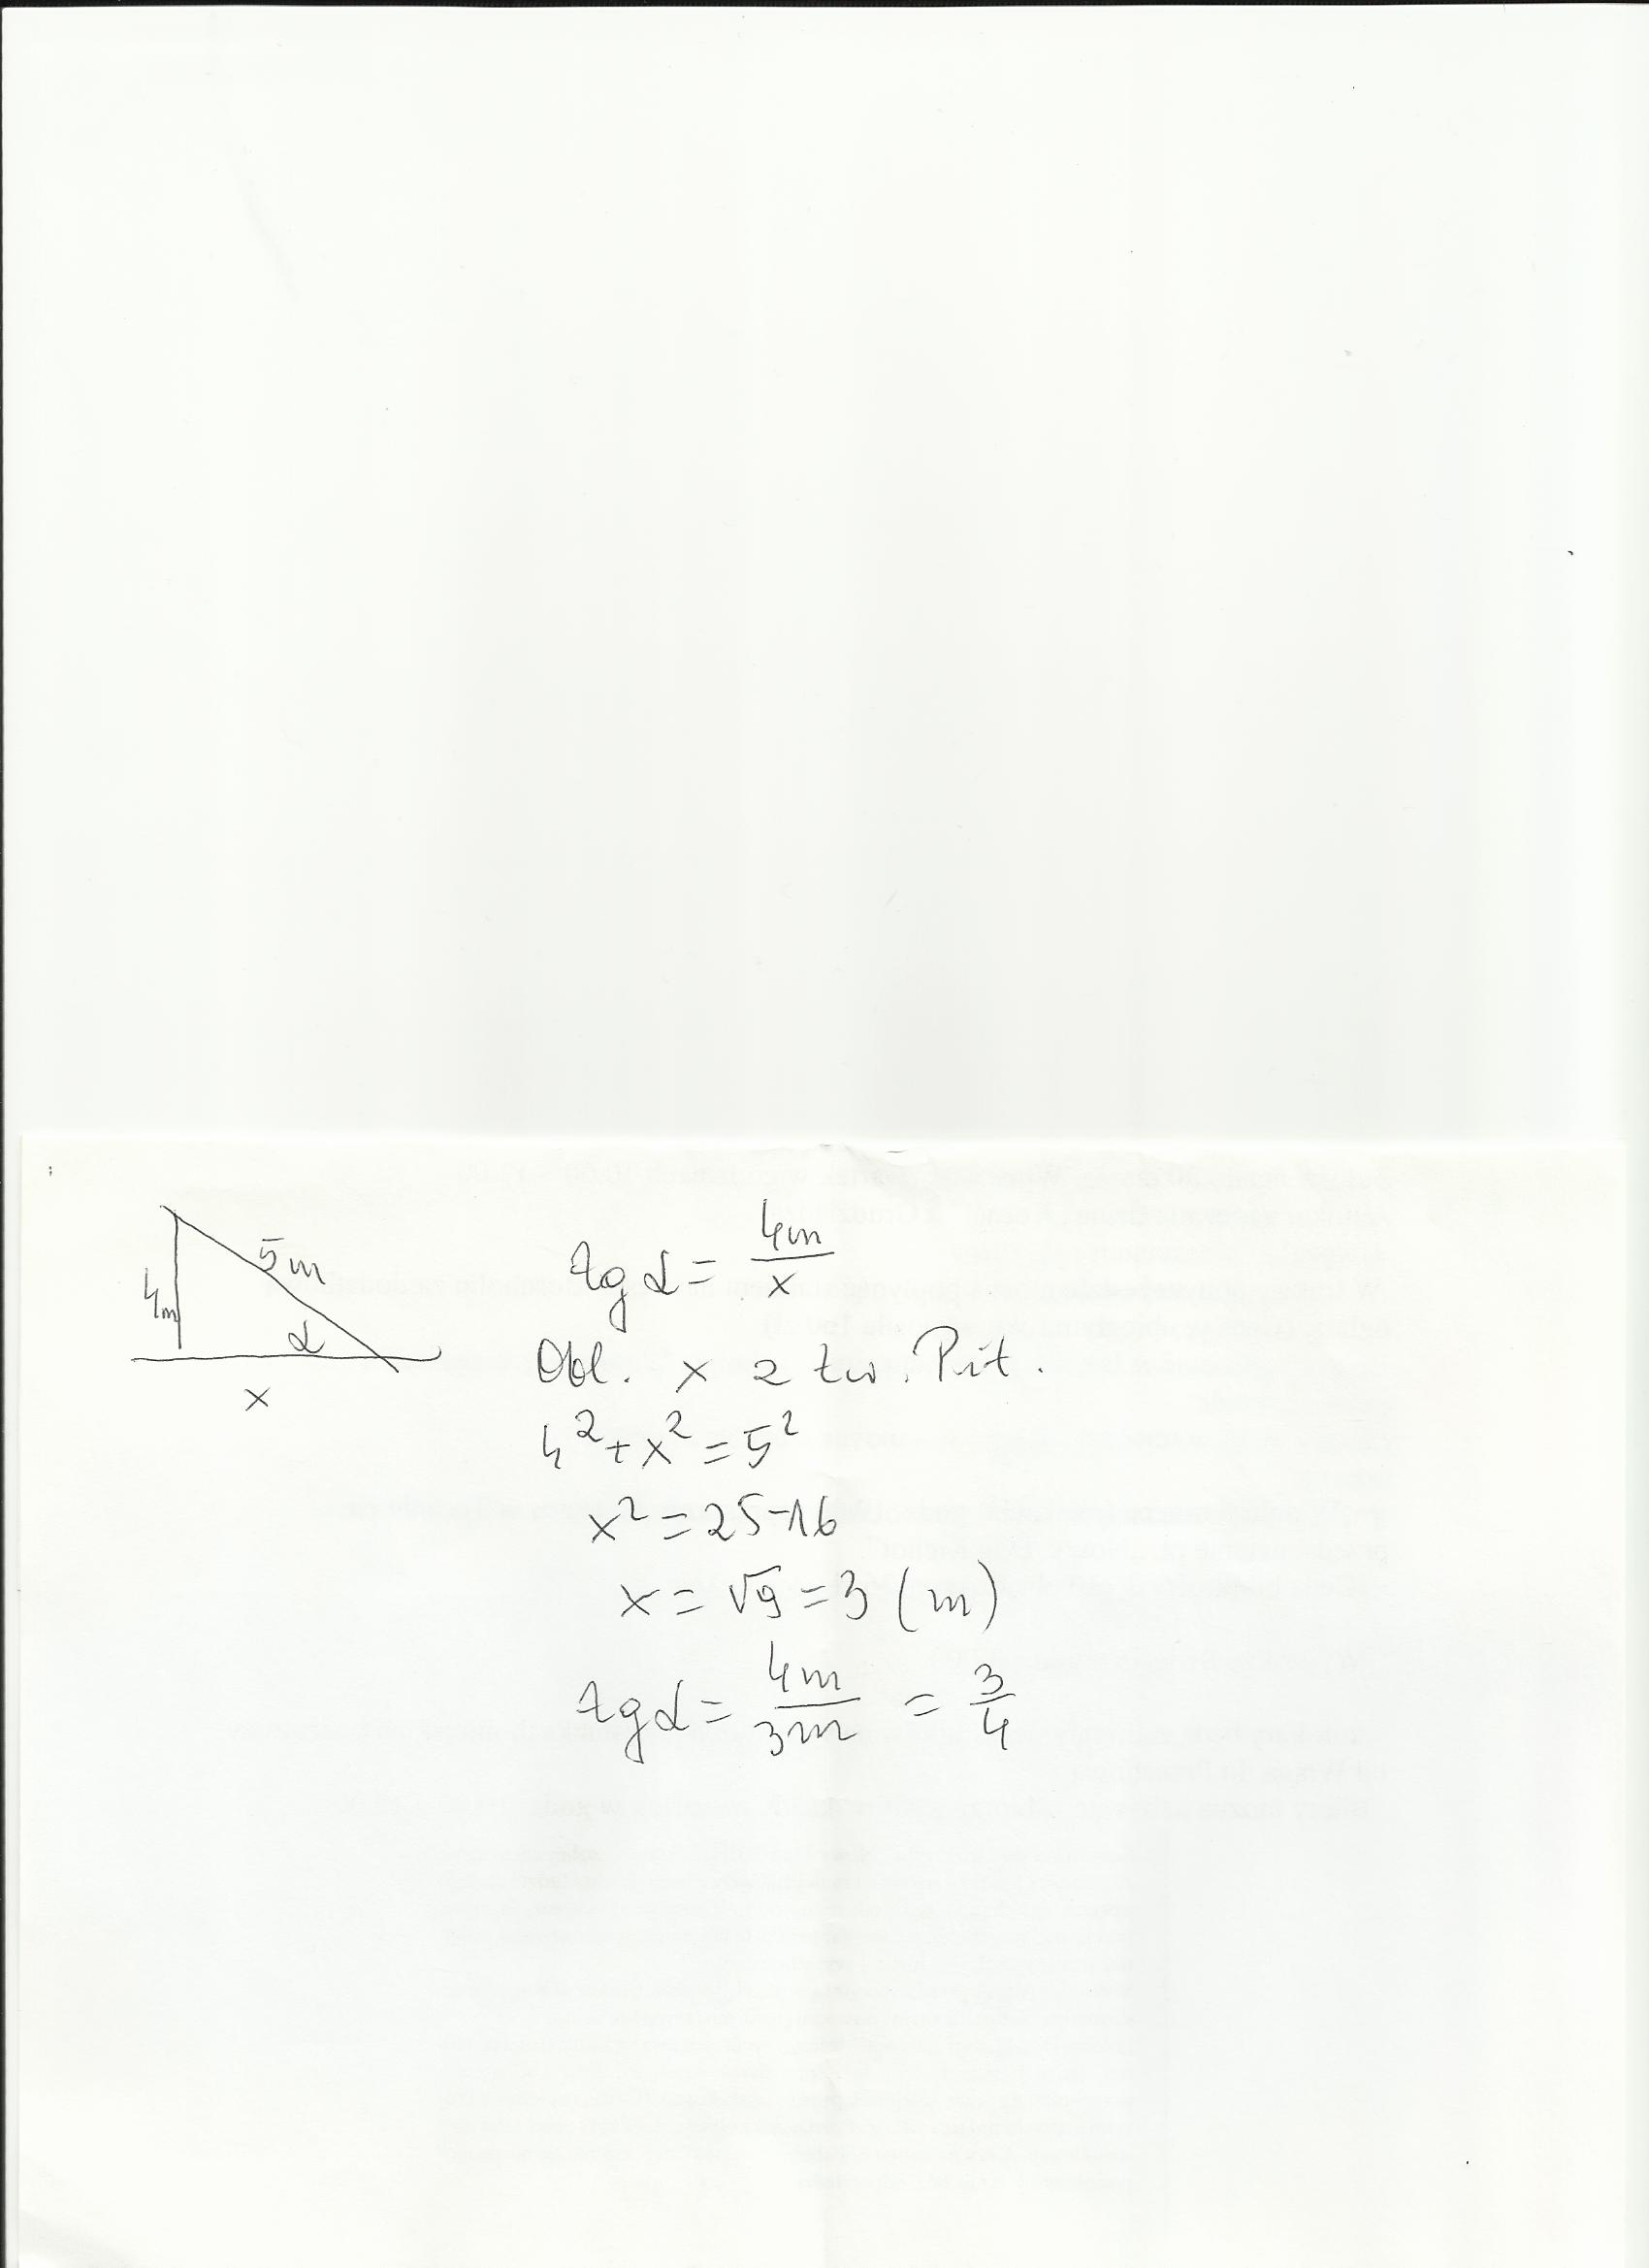 podpis pod obrazkiem